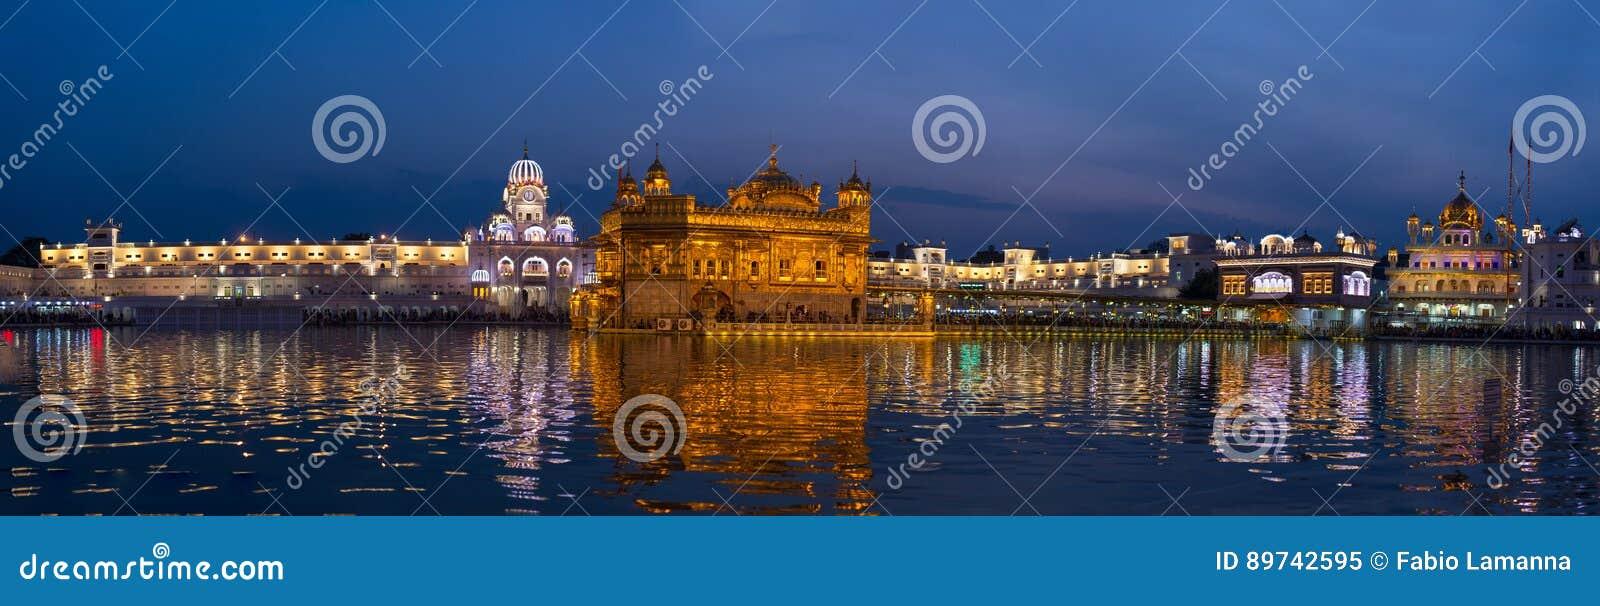 Der goldene Tempel an Amritsar, an Punjab, an Indien, an der heiligsten Ikone und am Anbetungsort der Sikhreligion Belichtet in d